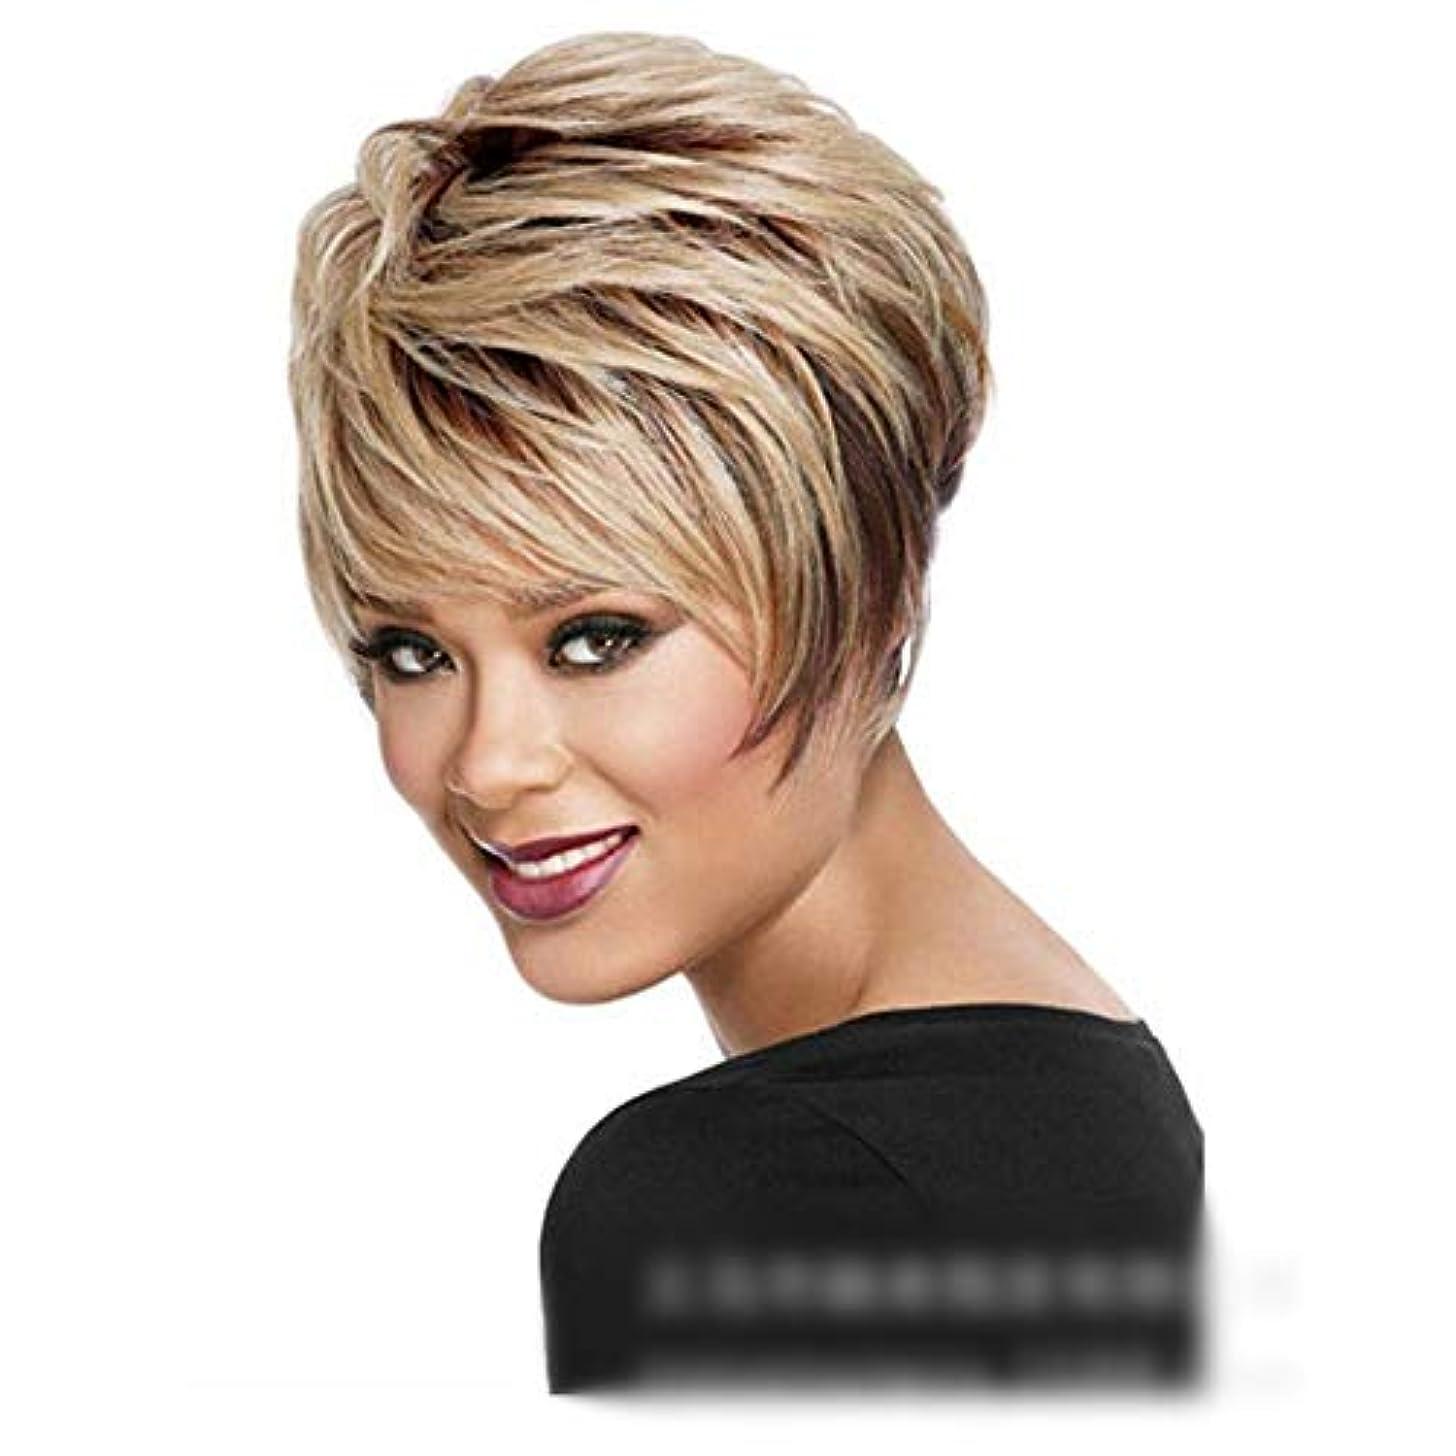 コンクリート見つけるパイントYOUQIU 女性のかつらのためにブロンドのかつらふわふわショートカーリーヘアナチュラル人工毛 (色 : Blonde)